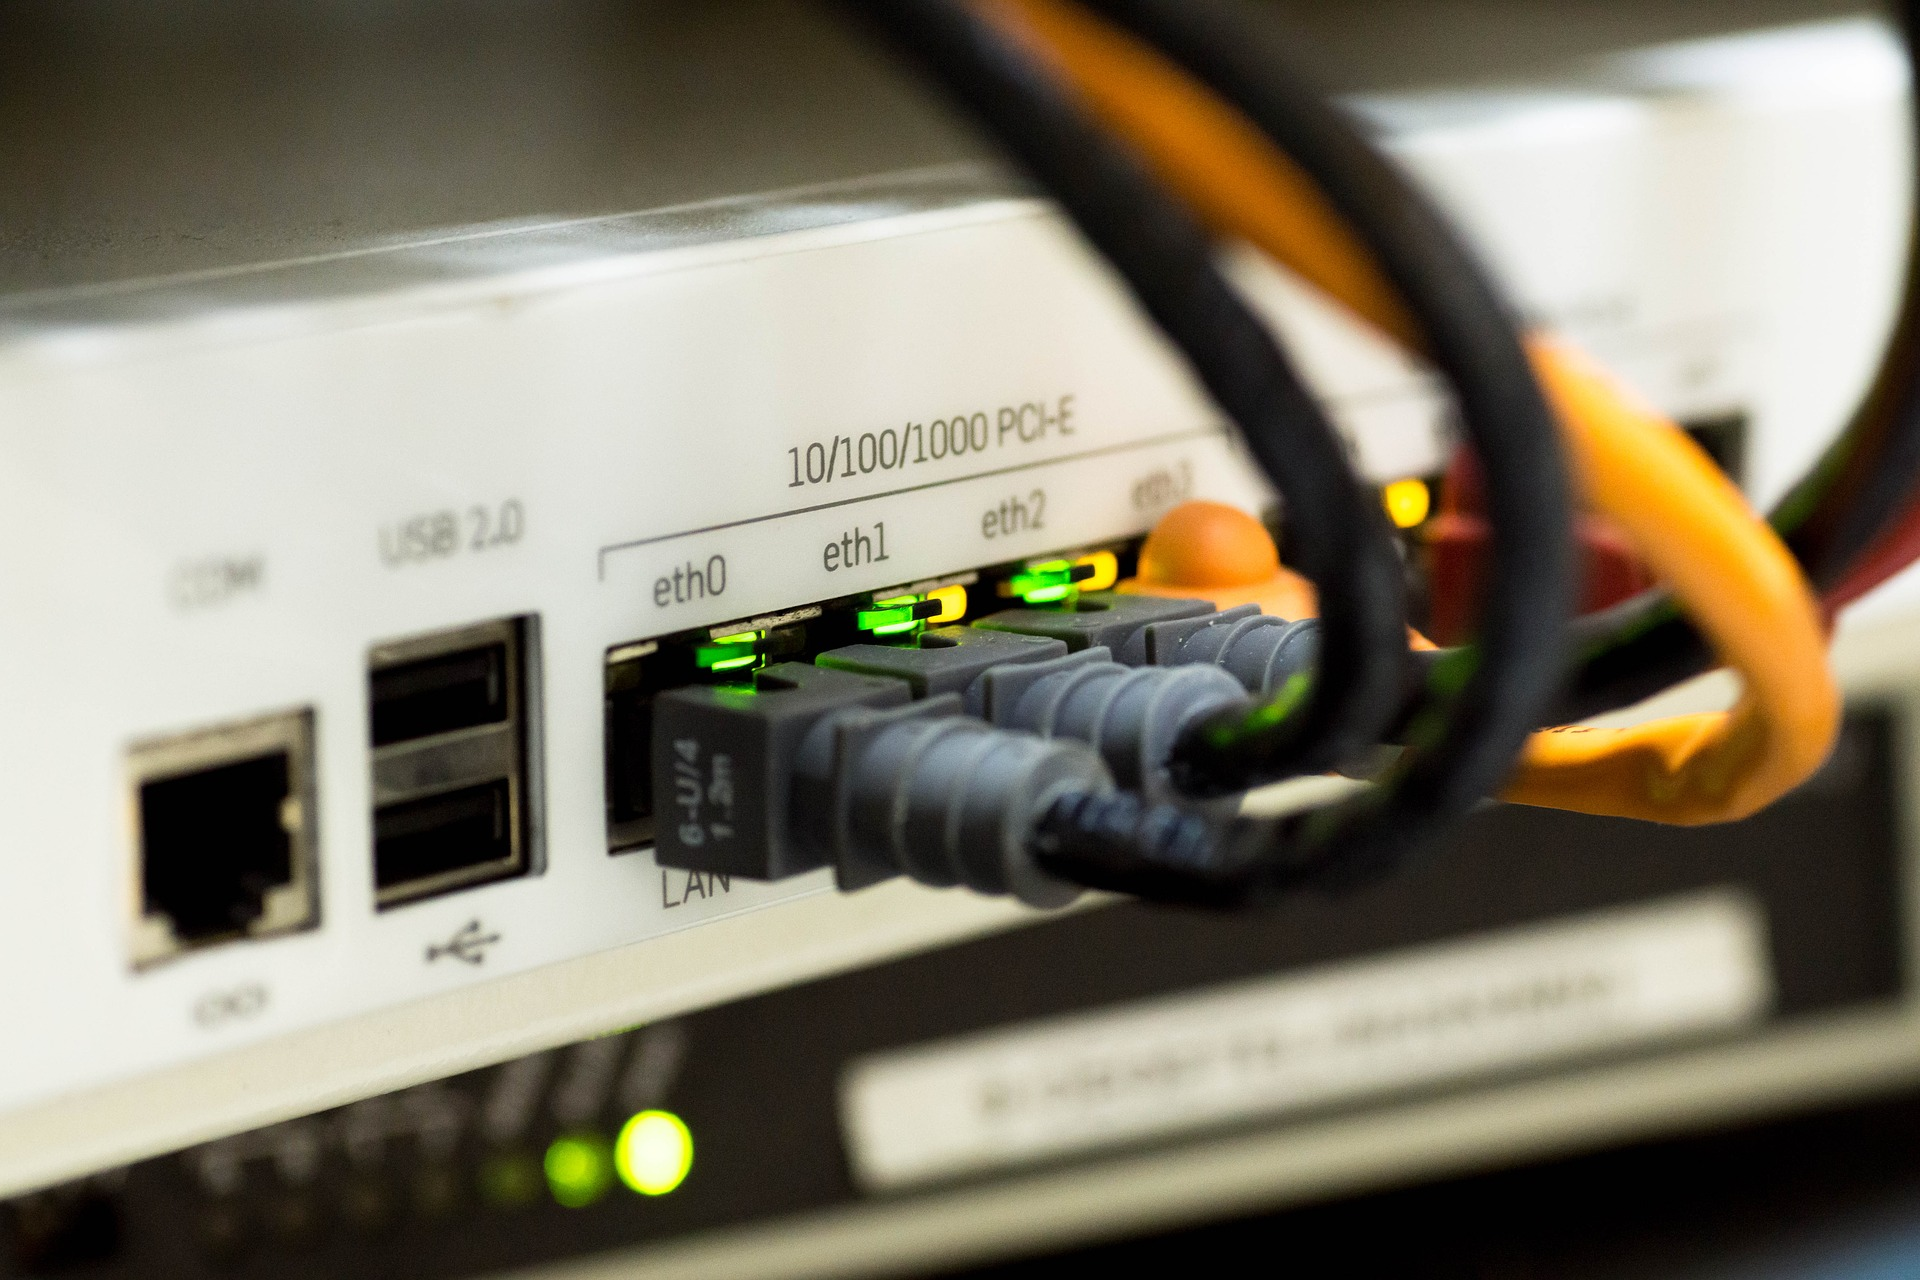 UPS trasmissione dati cavi rack rj45 rete internet